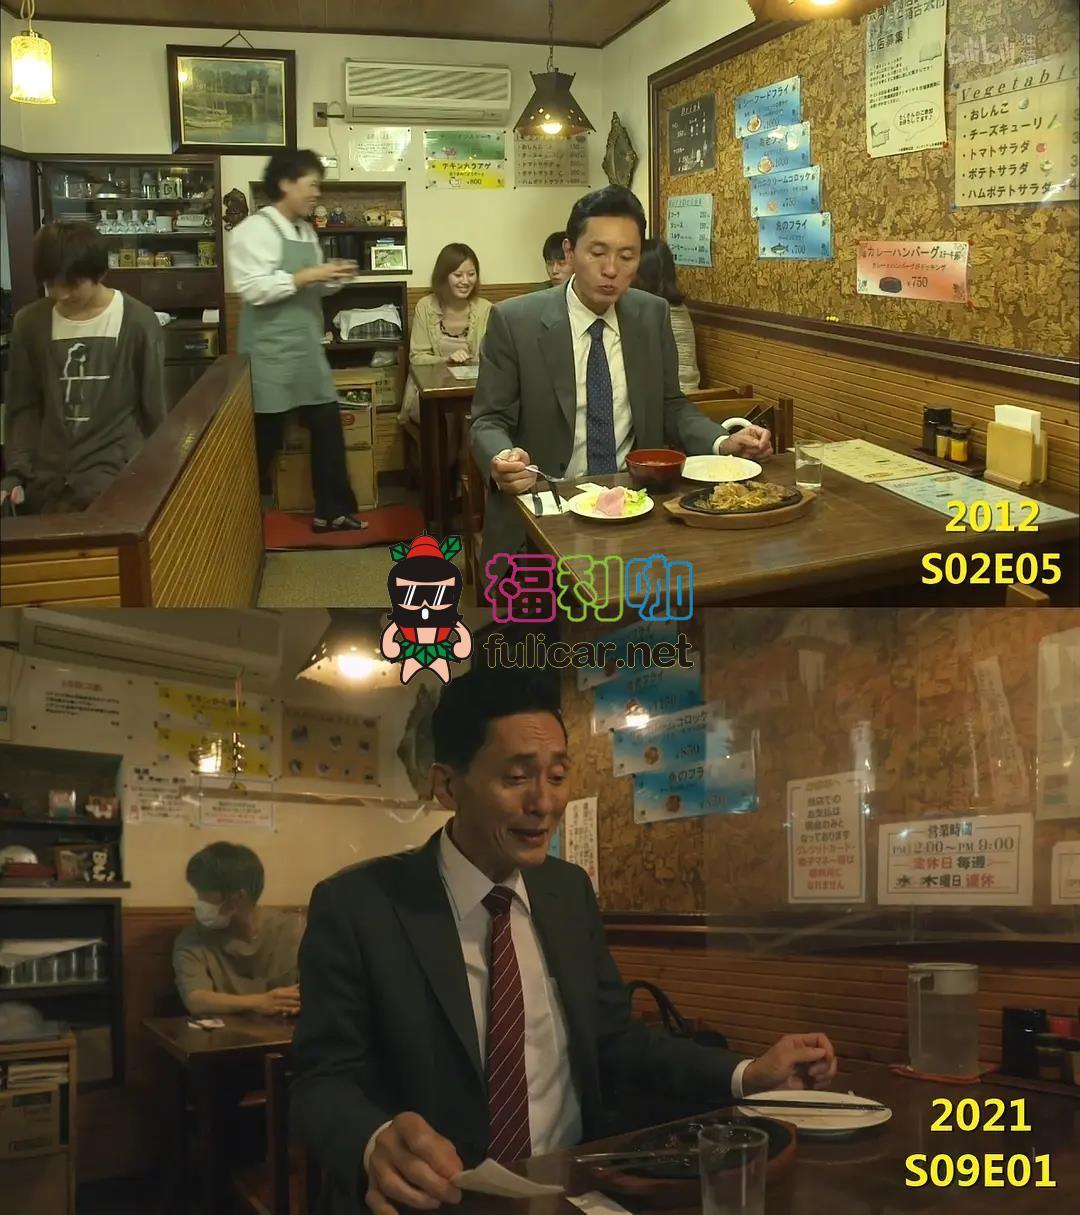 日本美食节目《孤独的美食家》已更新到第9季